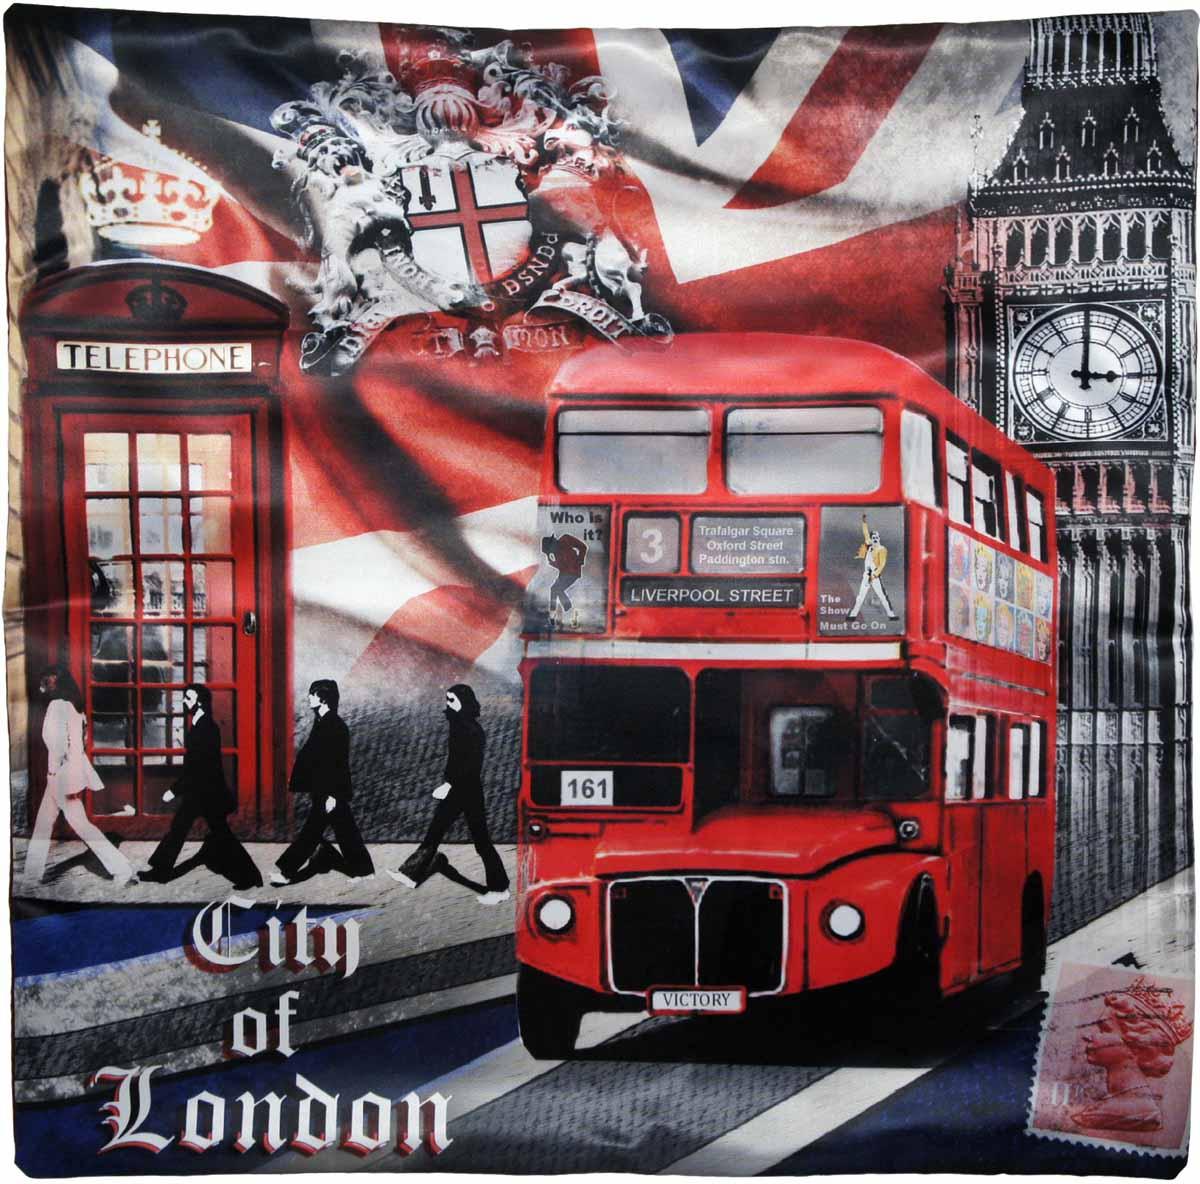 Наволочка для декоративной подушки GiftnHome Лондонские фантазии, цвет: красный, синий, черный, 45 х 45 смНВЛ-45 LdreamИзделие изготовлено из искусственного шелка - атласа! Наволочка на молнии